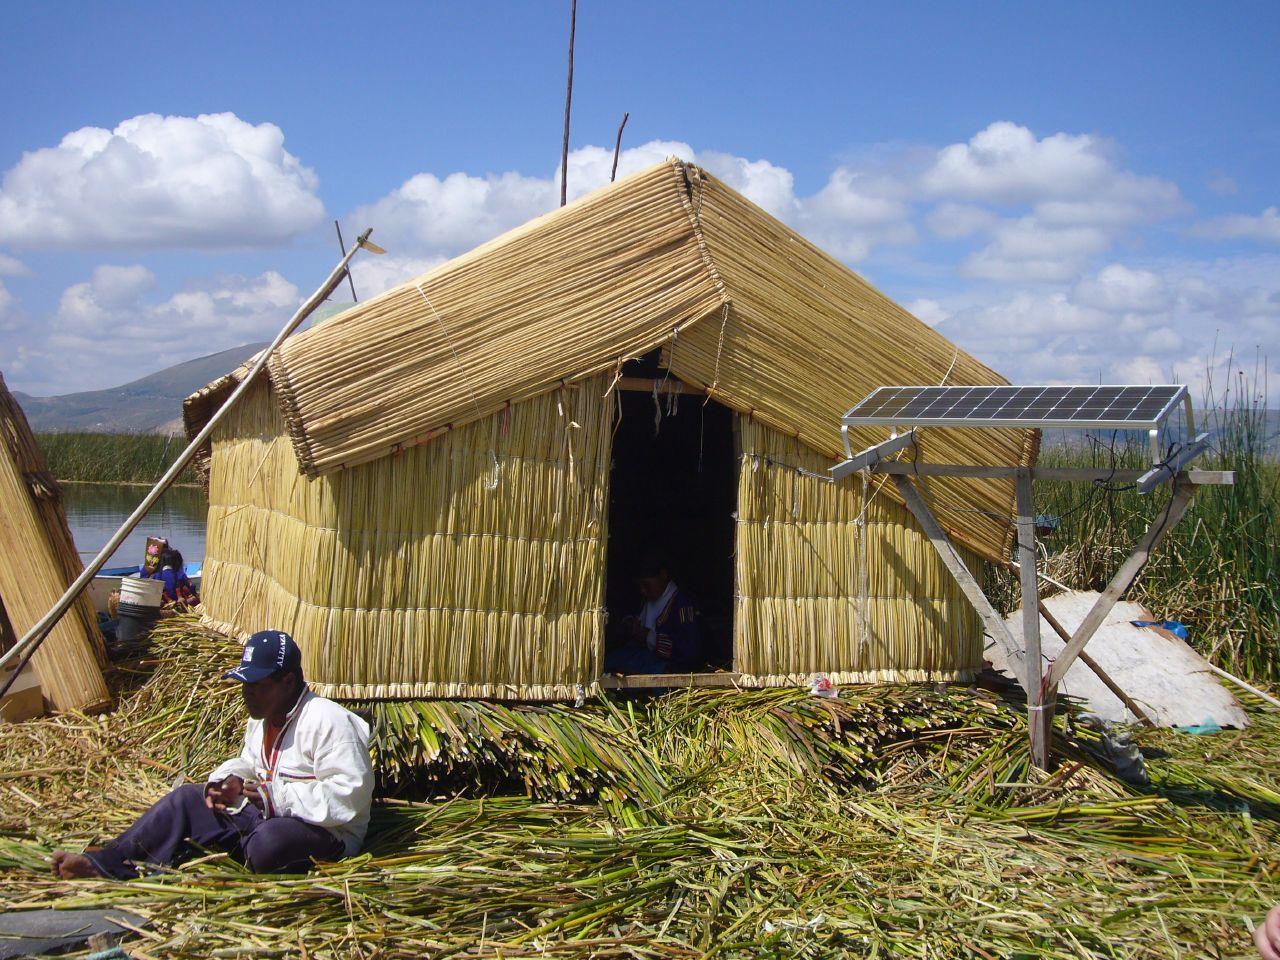 Casa de caña con paneles solares en Los Uros, Lago Titicaca, Perú. (CC) Yan-Di Chang (Creative Commons, Attribution 2.0 Generic